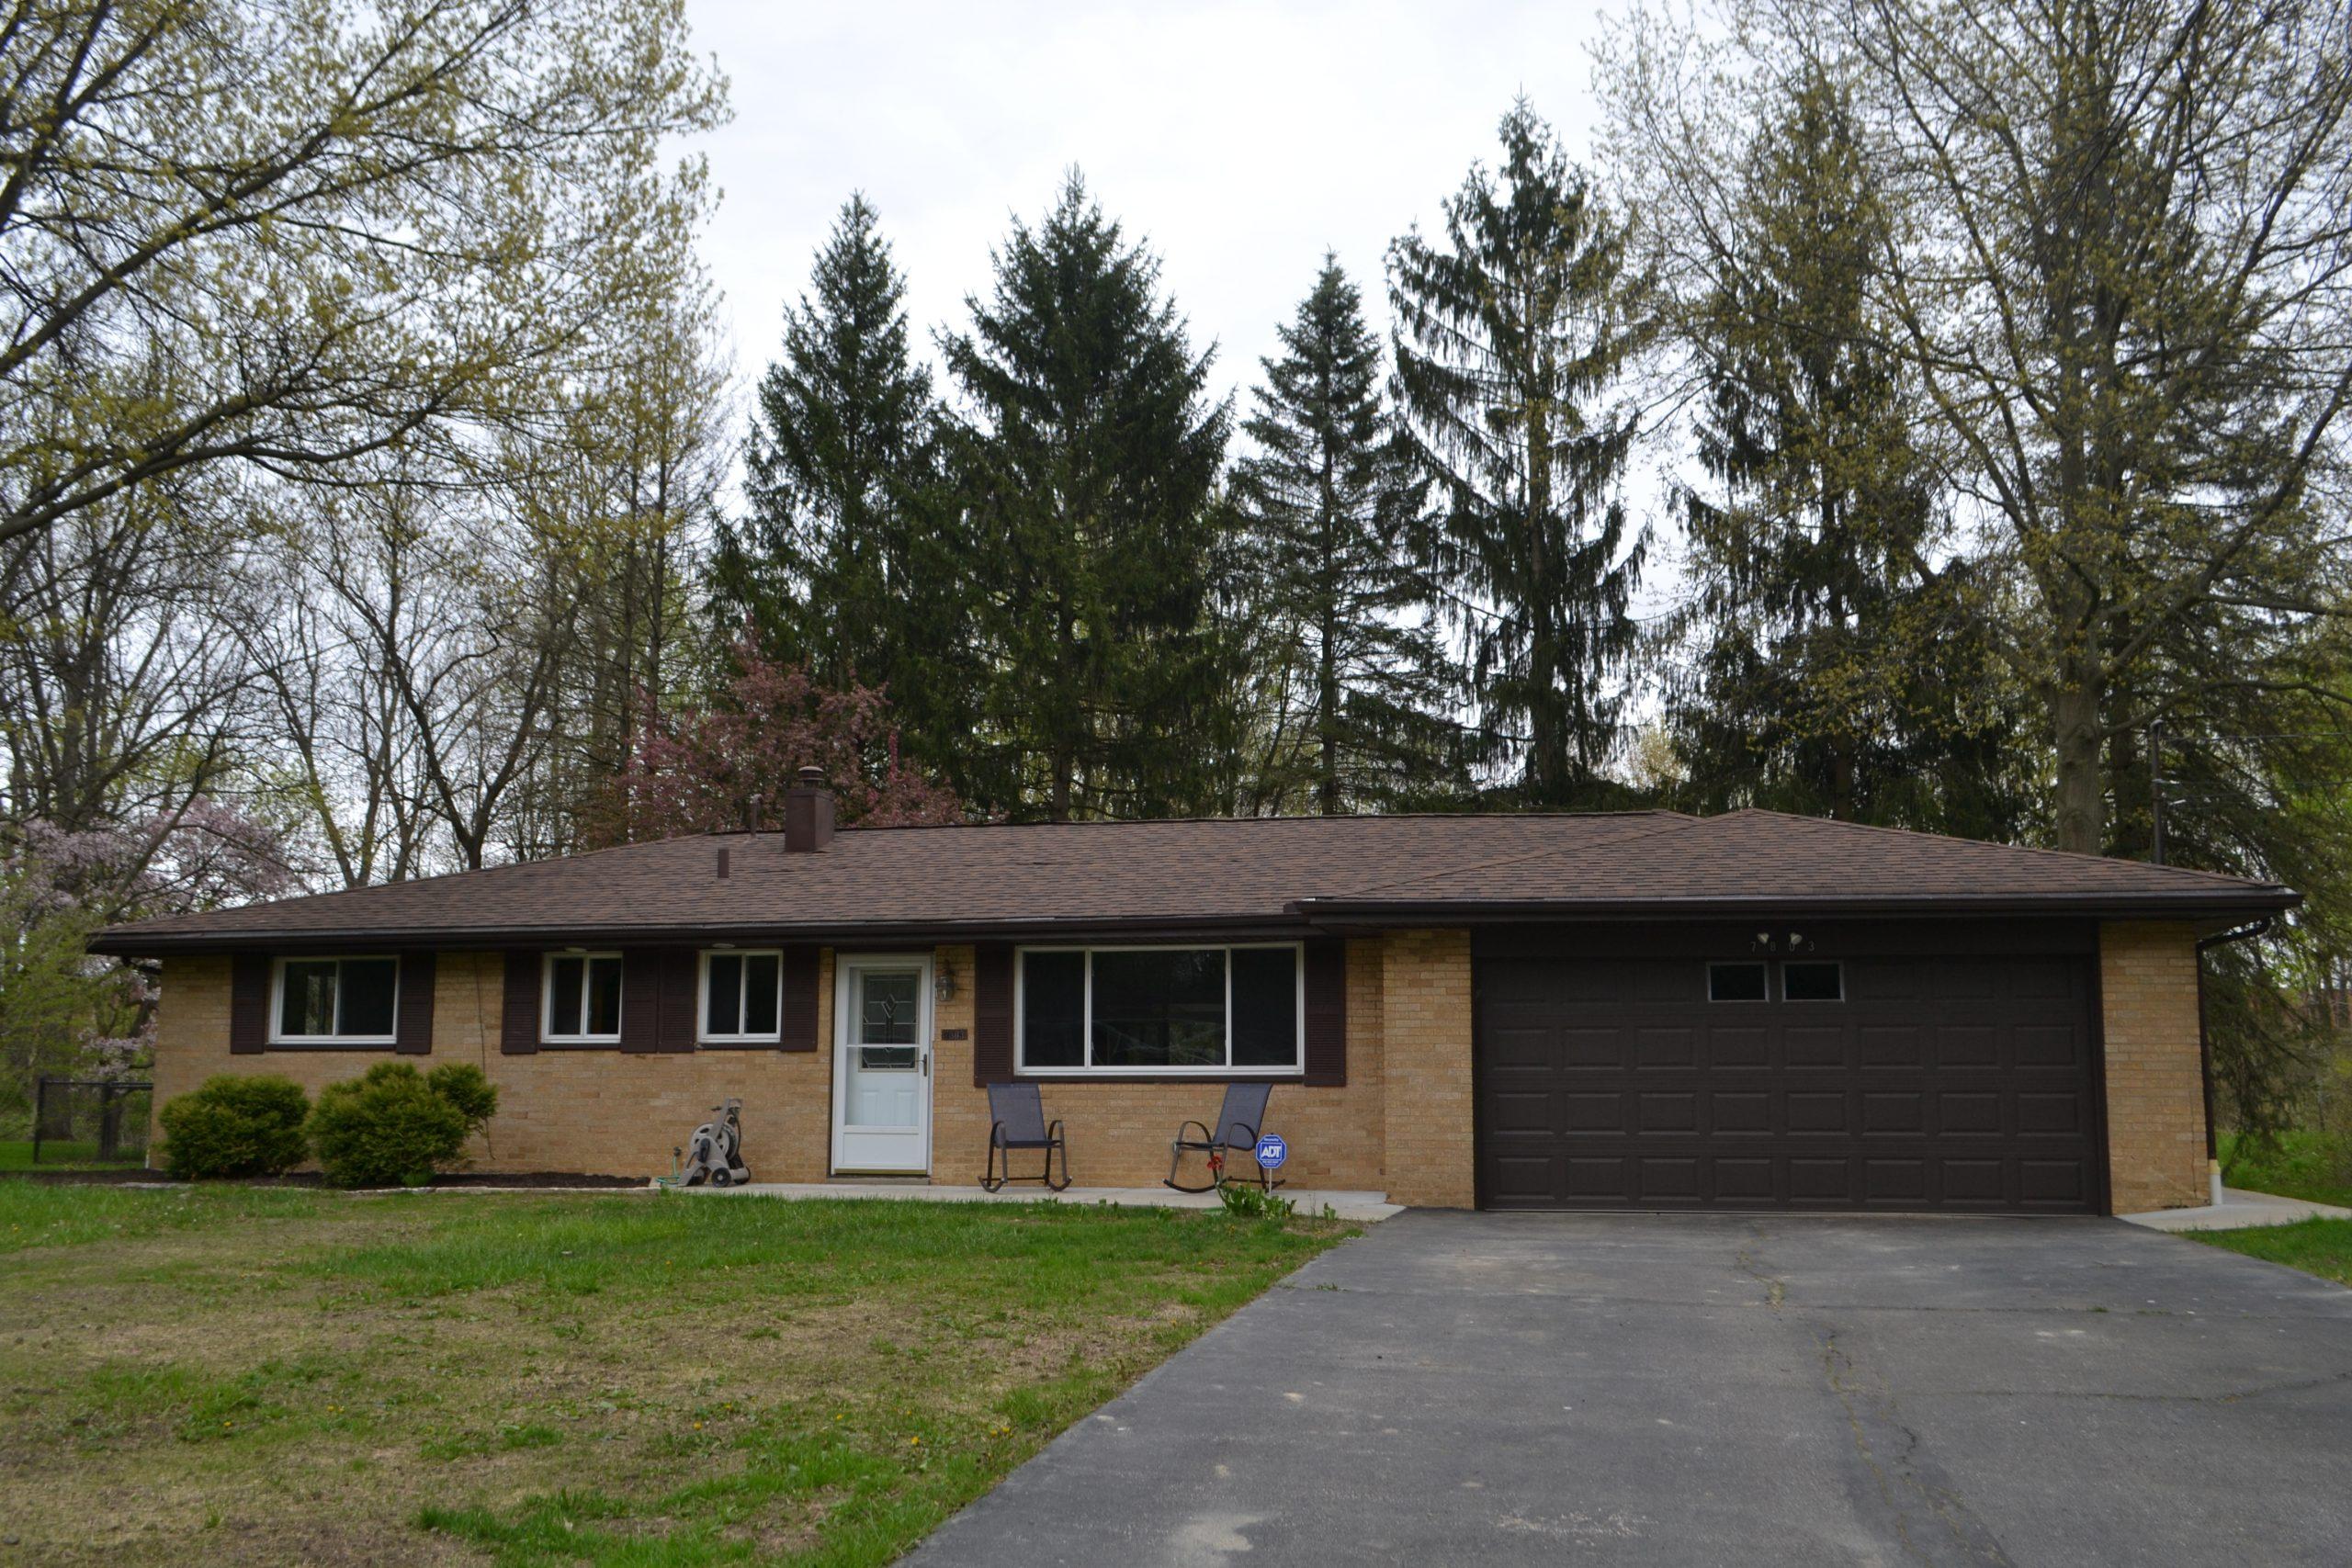 Northfield, OH - $179,900